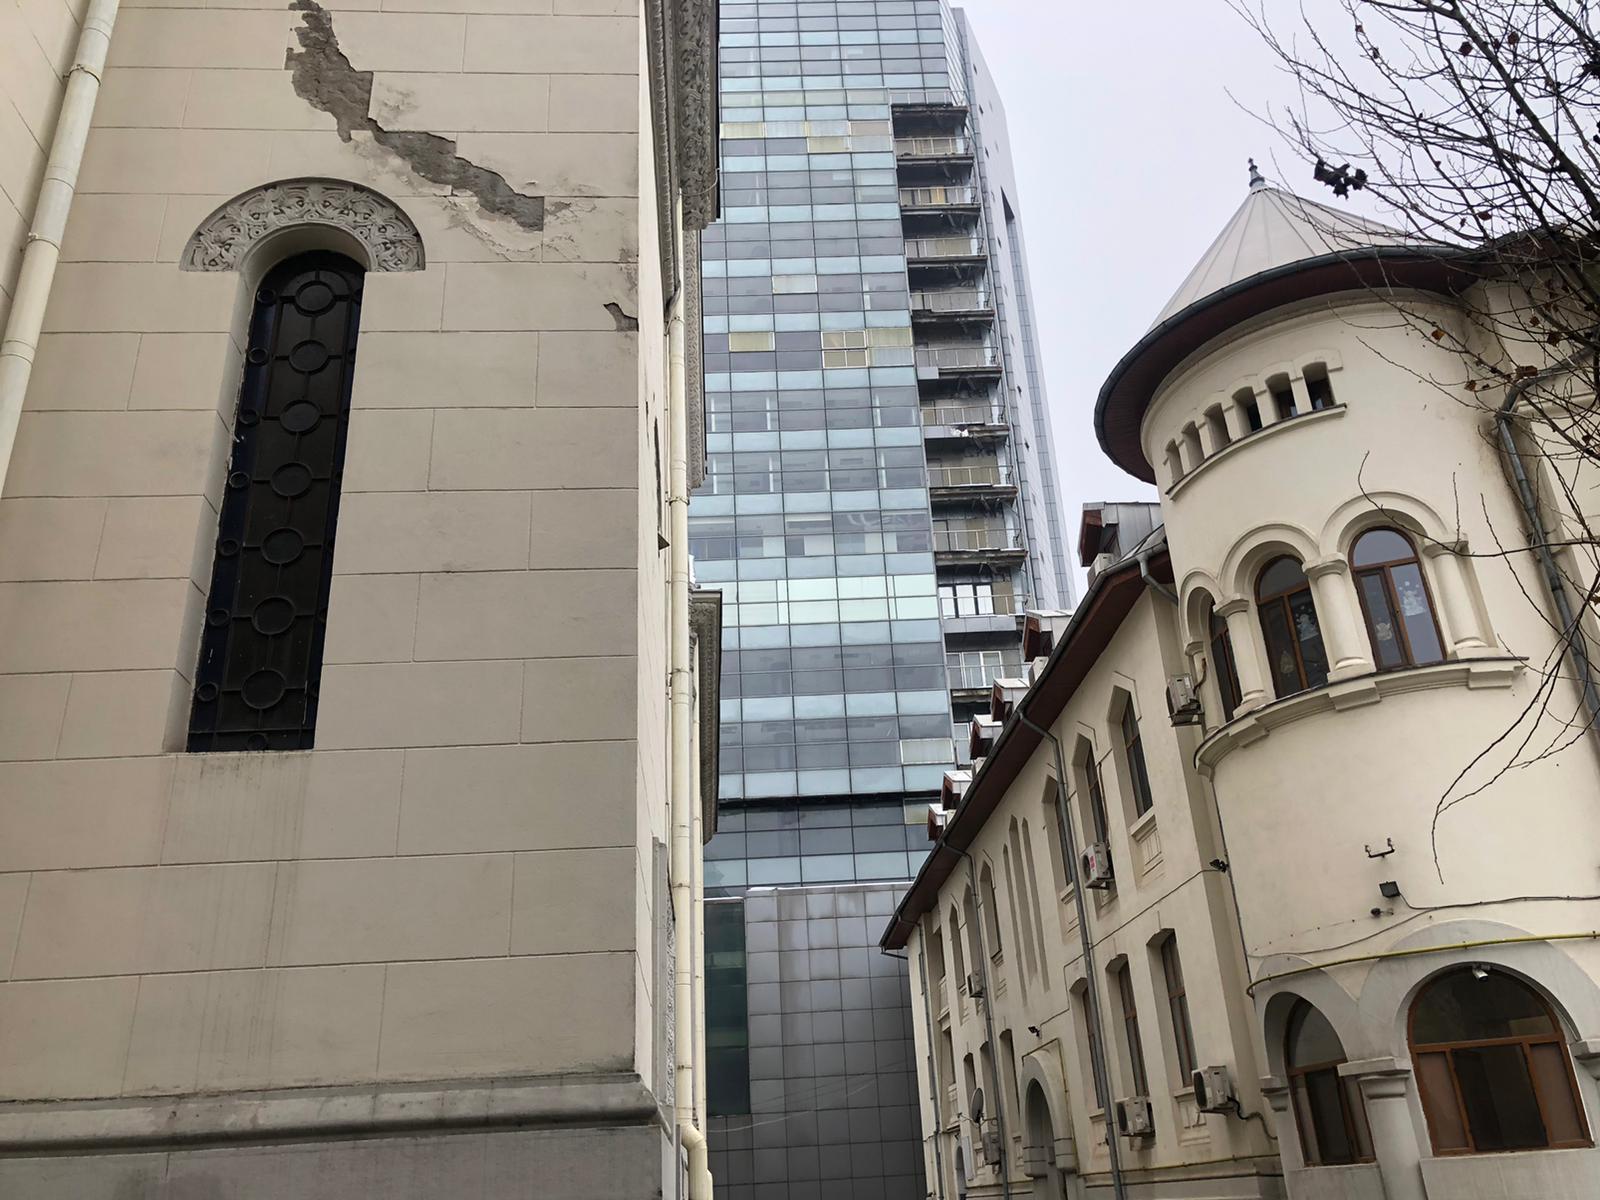 biserica, armeneasca, bucuresti, bloc, turn